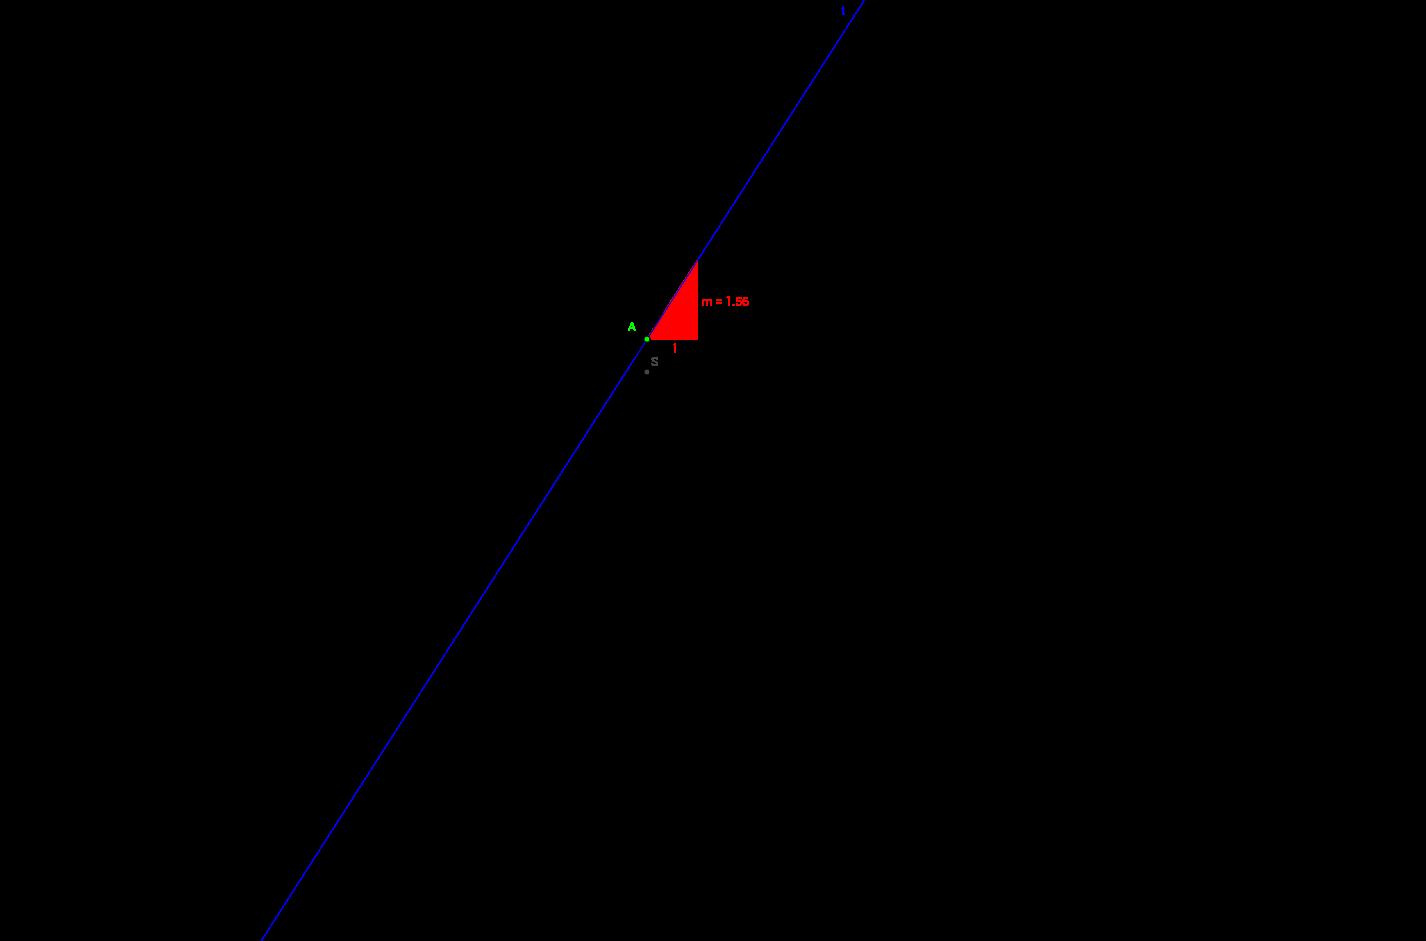 3.4 Slope